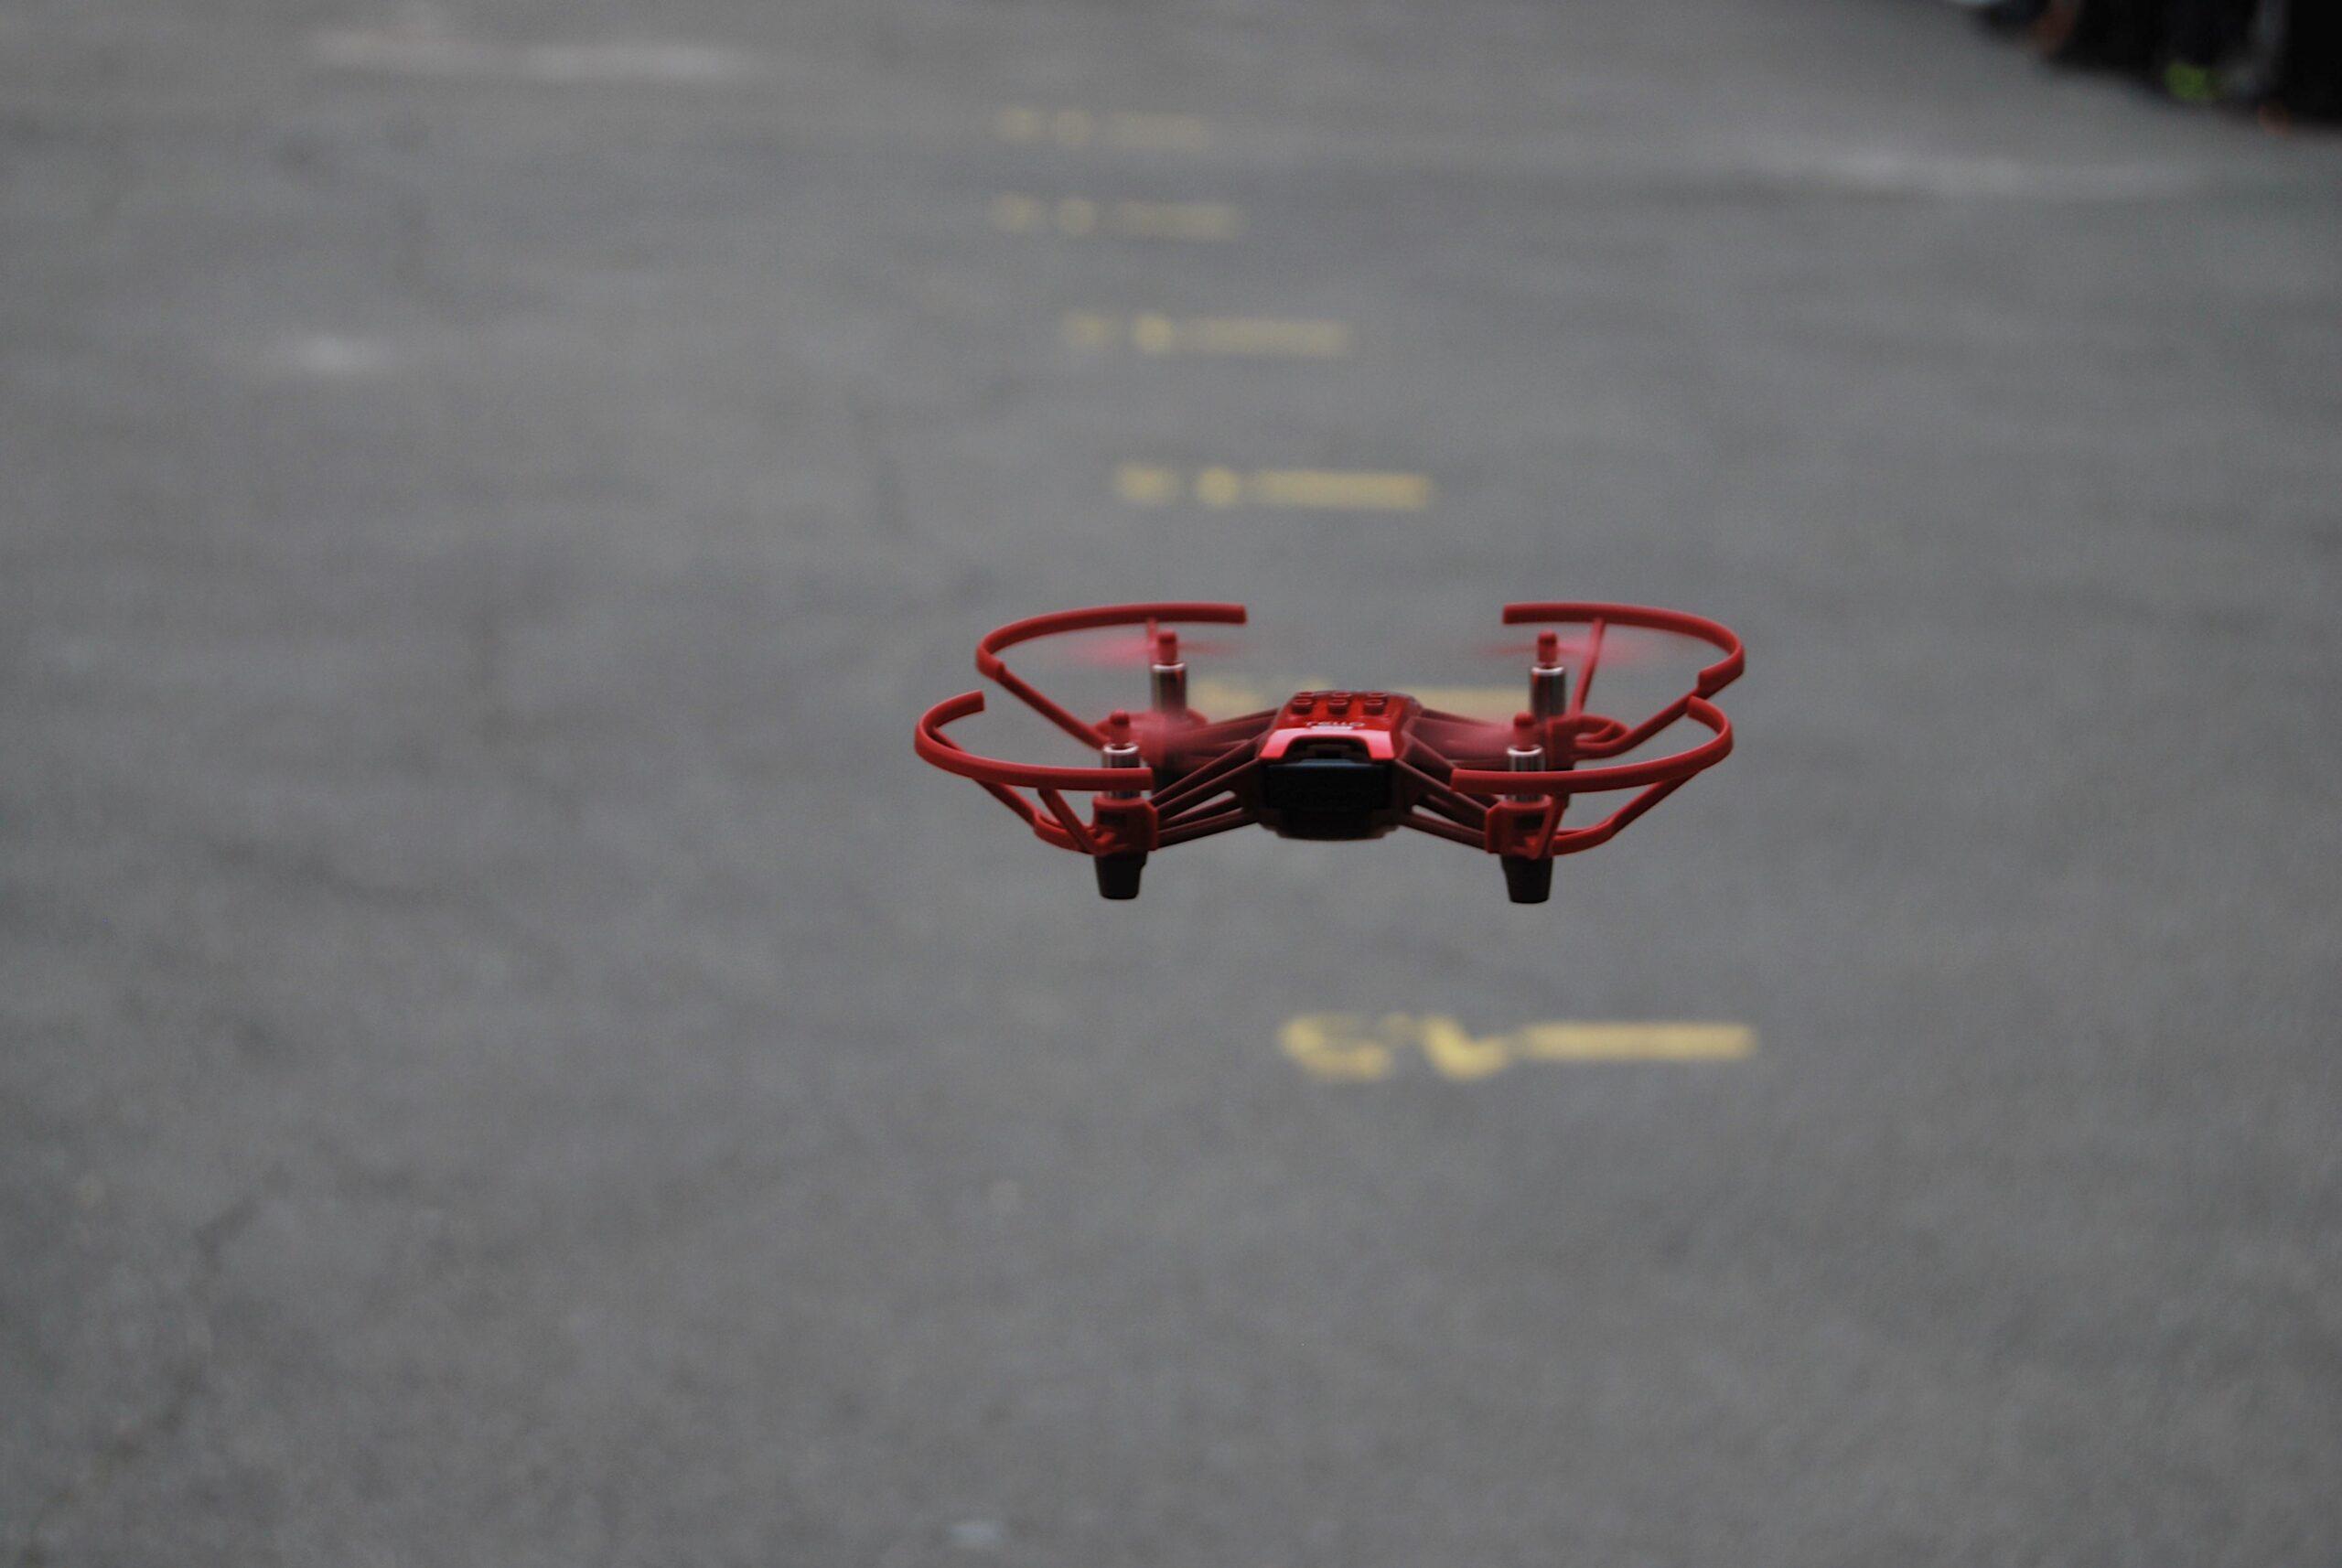 STEAM-інформатика на дронах